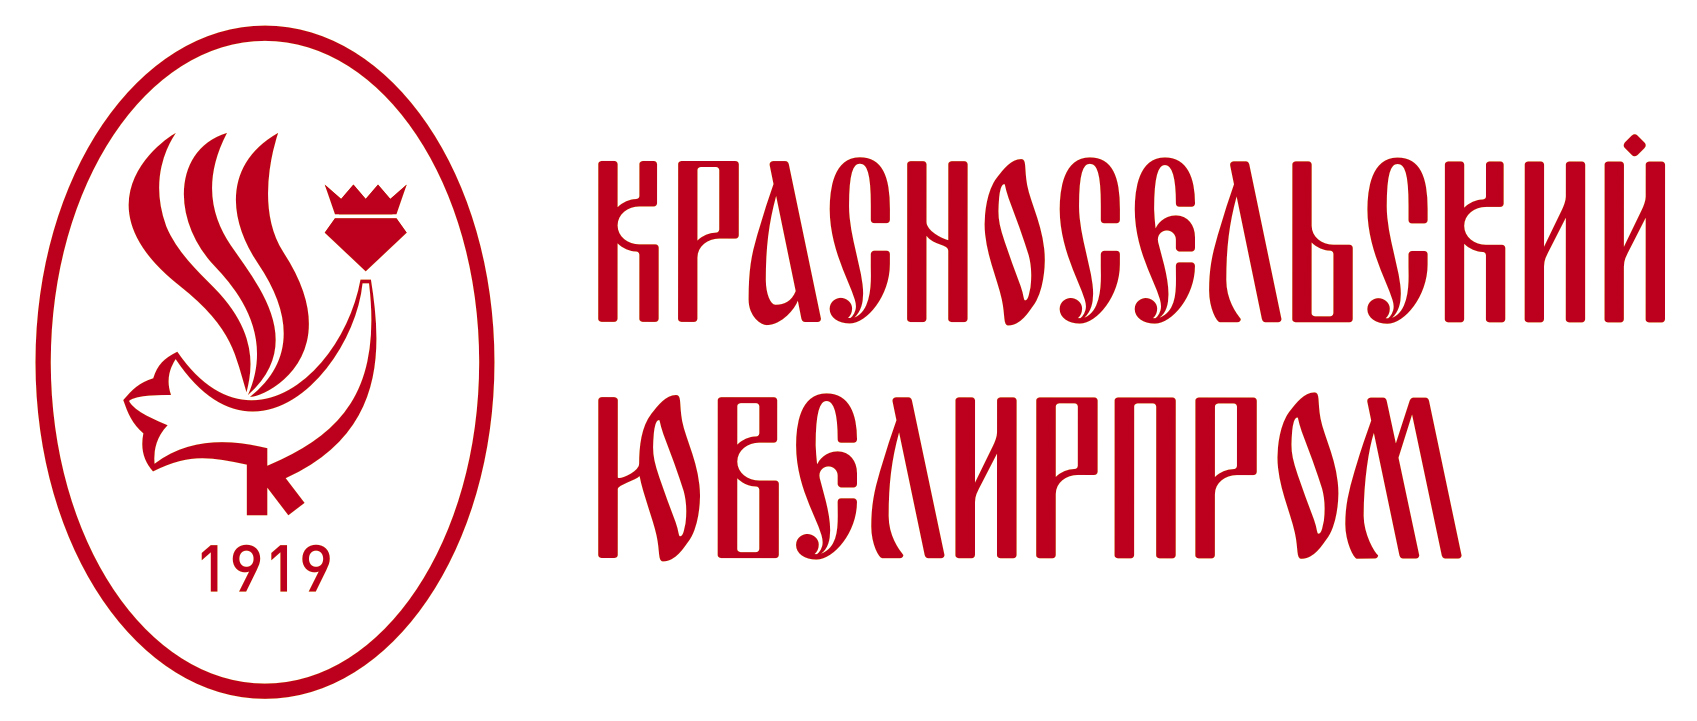 Как изделия с драгоценными камнями от «Красносельского Ювелирпрома» станут  залогом успеха и отличной репутации для вашего бизнеса  5b8bf1505d3